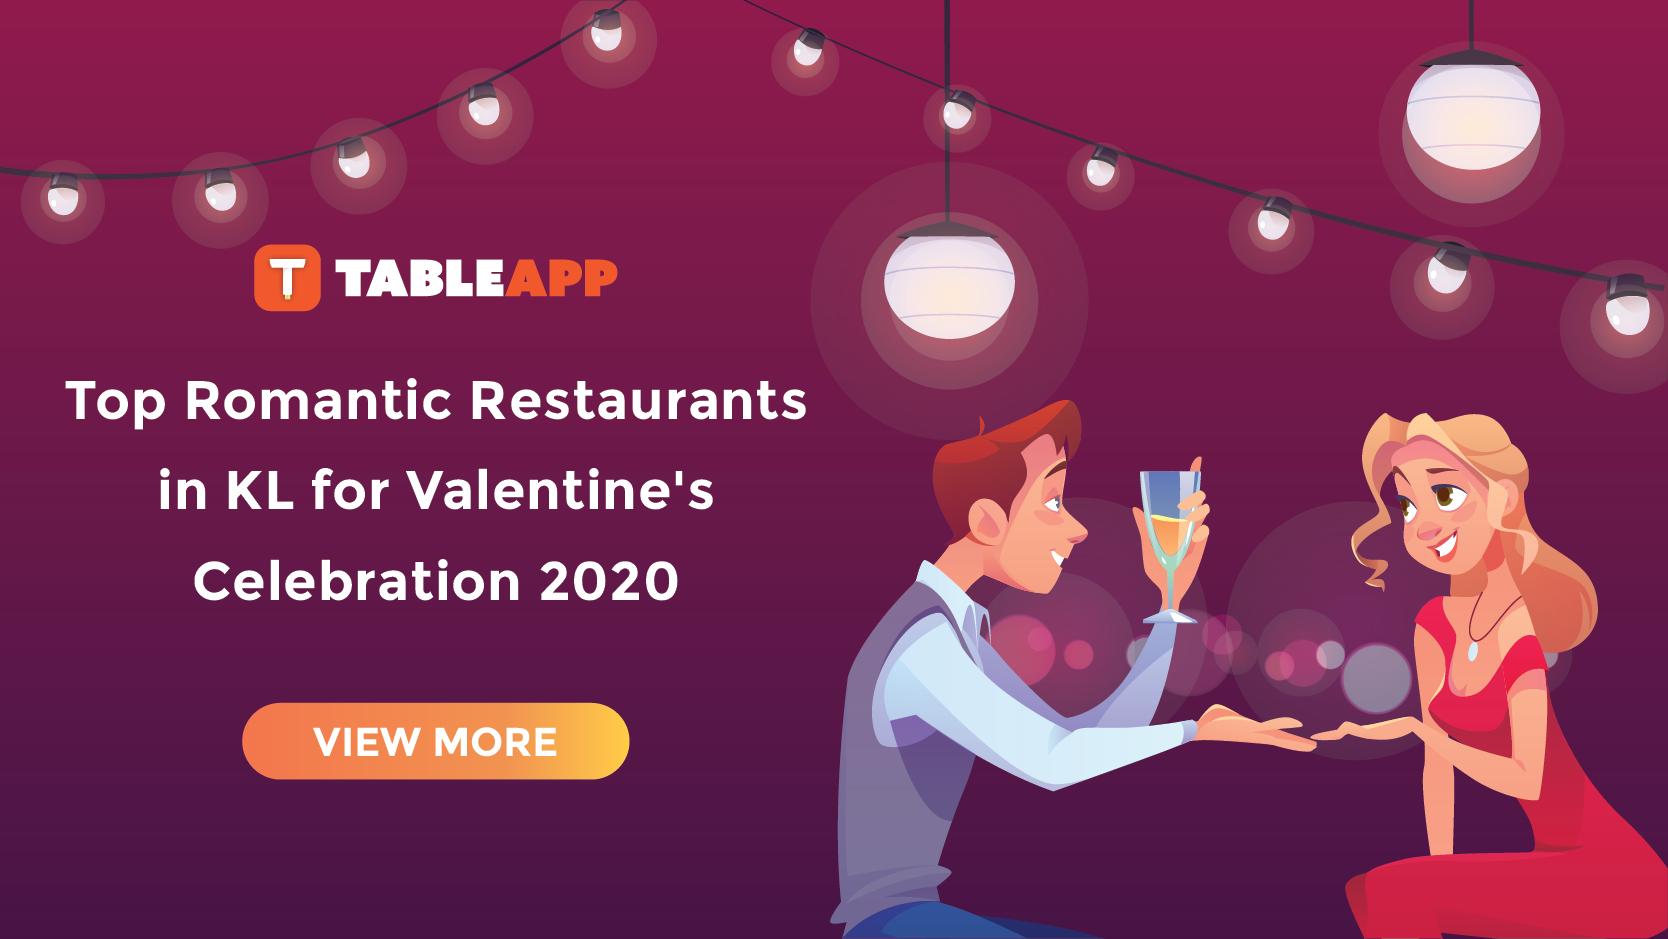 View Top Romantic Restaurants in KL